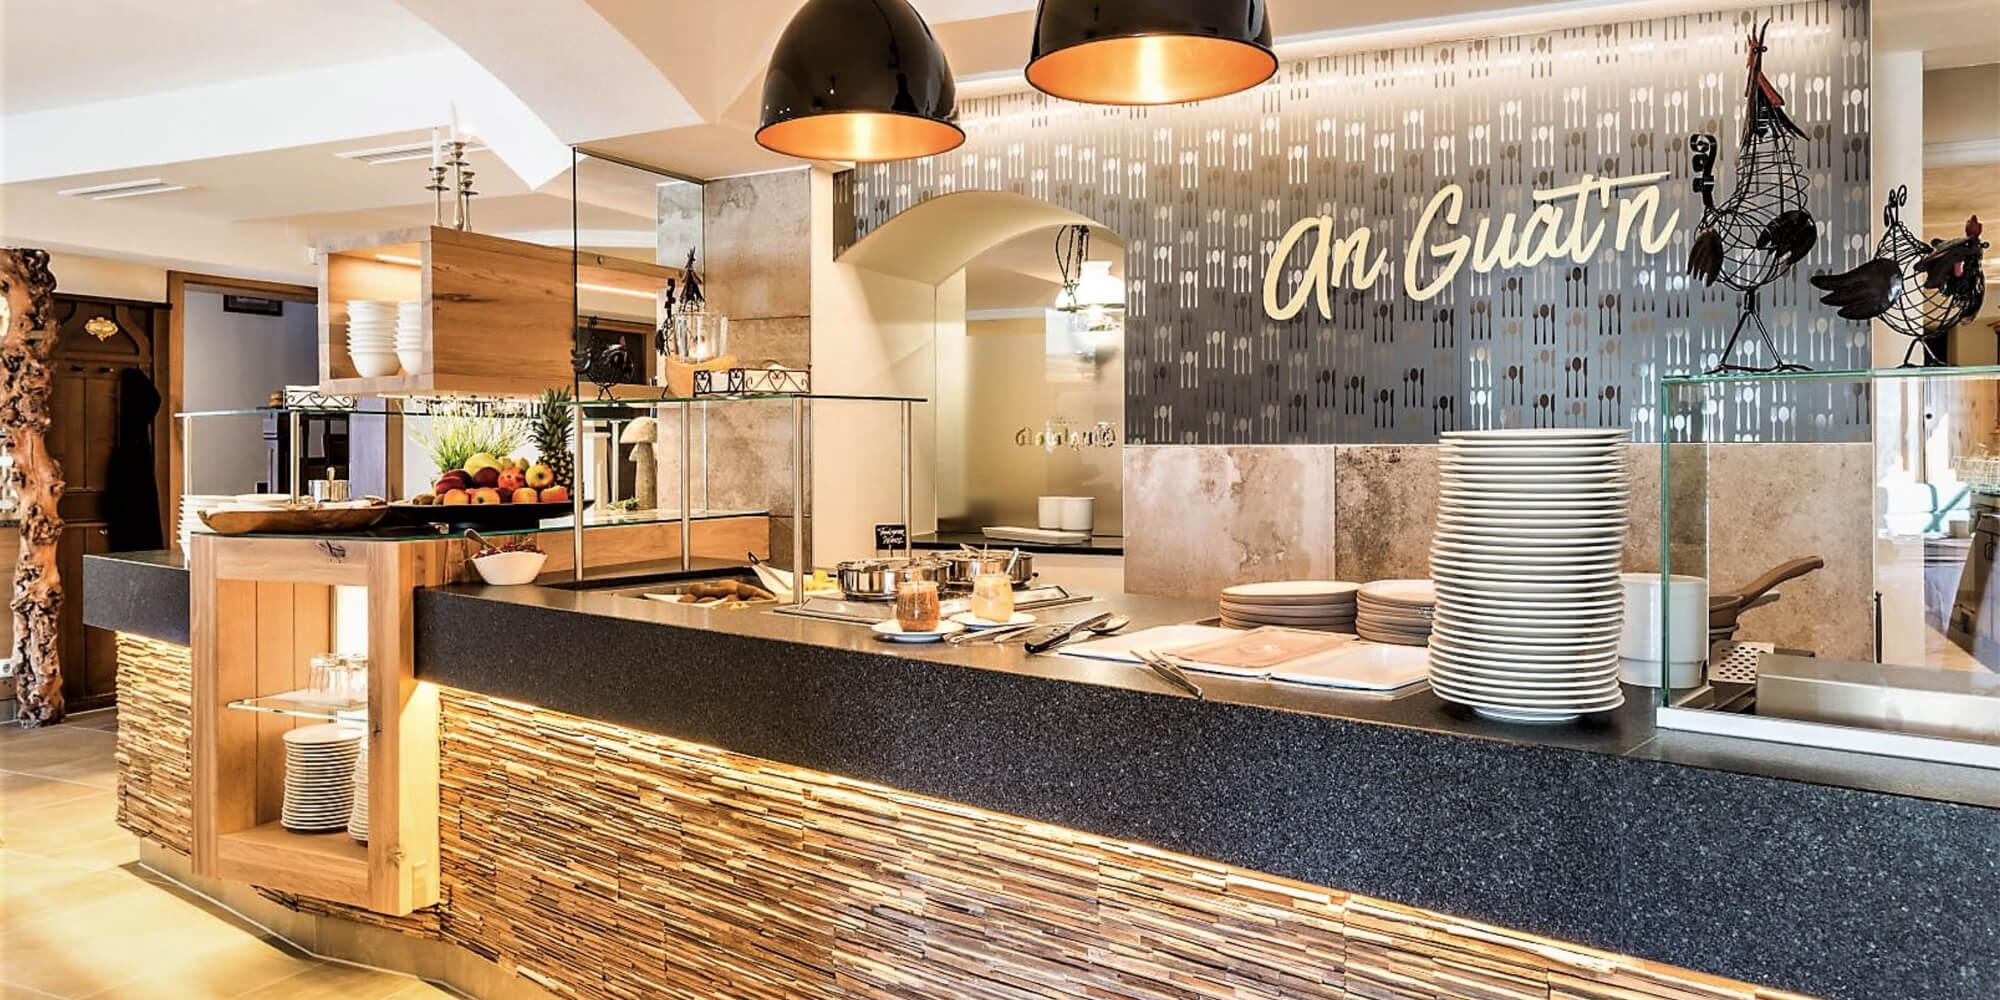 Crea-Plan-Design-Rauch-Frühmann-Architektur-Innenarchitektur-Design-Projekt-Referenz-Hotelerie-Gastronomie-Hotel-Guglwald-Buffet-C